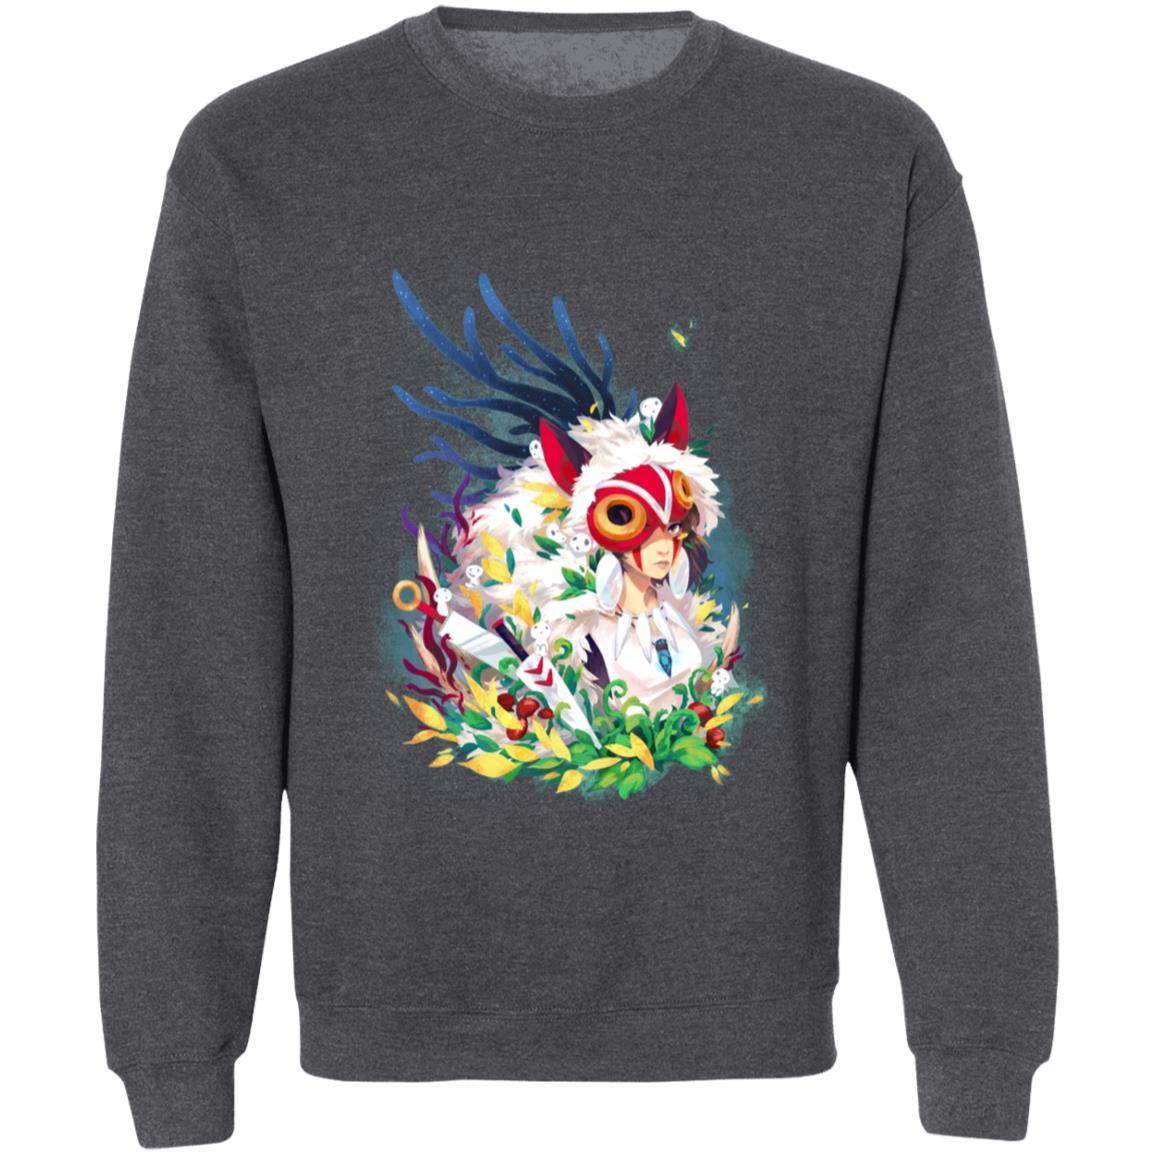 Princess Mononoke Colorful Portrait Sweatshirt